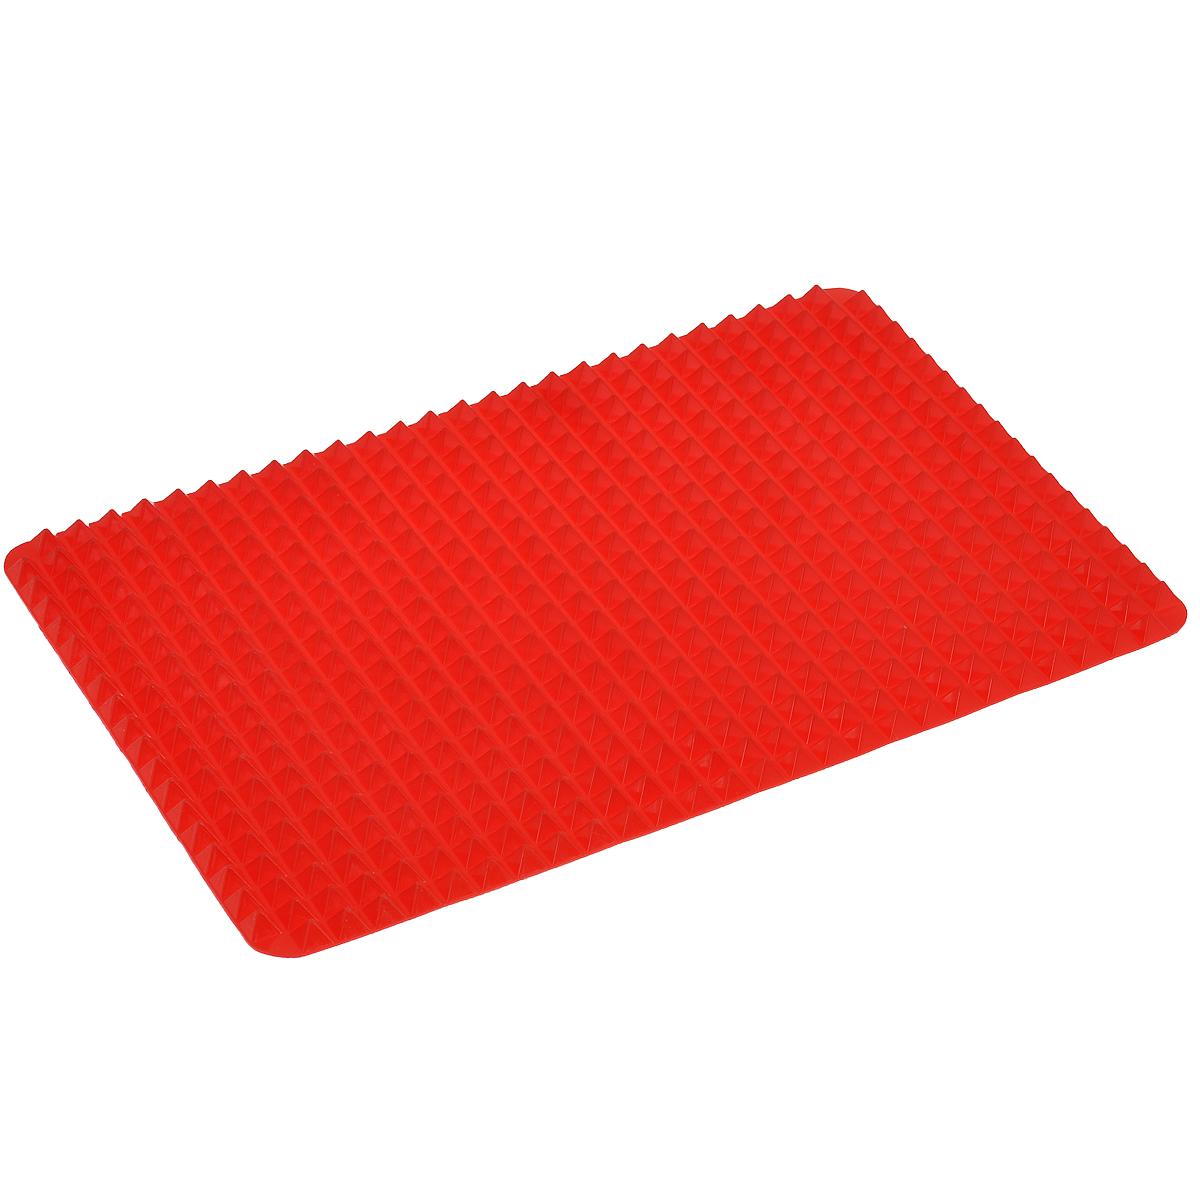 Коврик силиконовый Bradex Пирамида, цвет: красный, 41 х 29 смTK 0110Силиконовый коврик Bradex Пирамида поможет приготовить вкусную и здоровую пищу. Благодаря специальной форме коврика лишний жир стекает вниз, оставаясь на коврике, а не на стенках Вашей посуды. С силиконовым ковриком Вы значительно сократите количество потребляемых калорий, не меняя диеты. Горячий воздух свободно циркулирует между пиками пирамиды, сокращая время готовки и не давая пище пригорать. Силиконовый коврик не пахнет при нагревании и легко отмывается. Чтобы питаться правильно, не обязательно отказываться от любимых блюд. Главное их правильно готовить! С силиконовым ковриком Вы сможете наслаждаться любимыми блюдами, не опасаясь за свое здоровье. Подходит для приготовления луковых колец, рыбы и чипсов, сосисок, пиццы, мяса. Можно мыть в посудомоечной машине и использовать в микроволновой печи. Выдерживает температуру до 220°С.